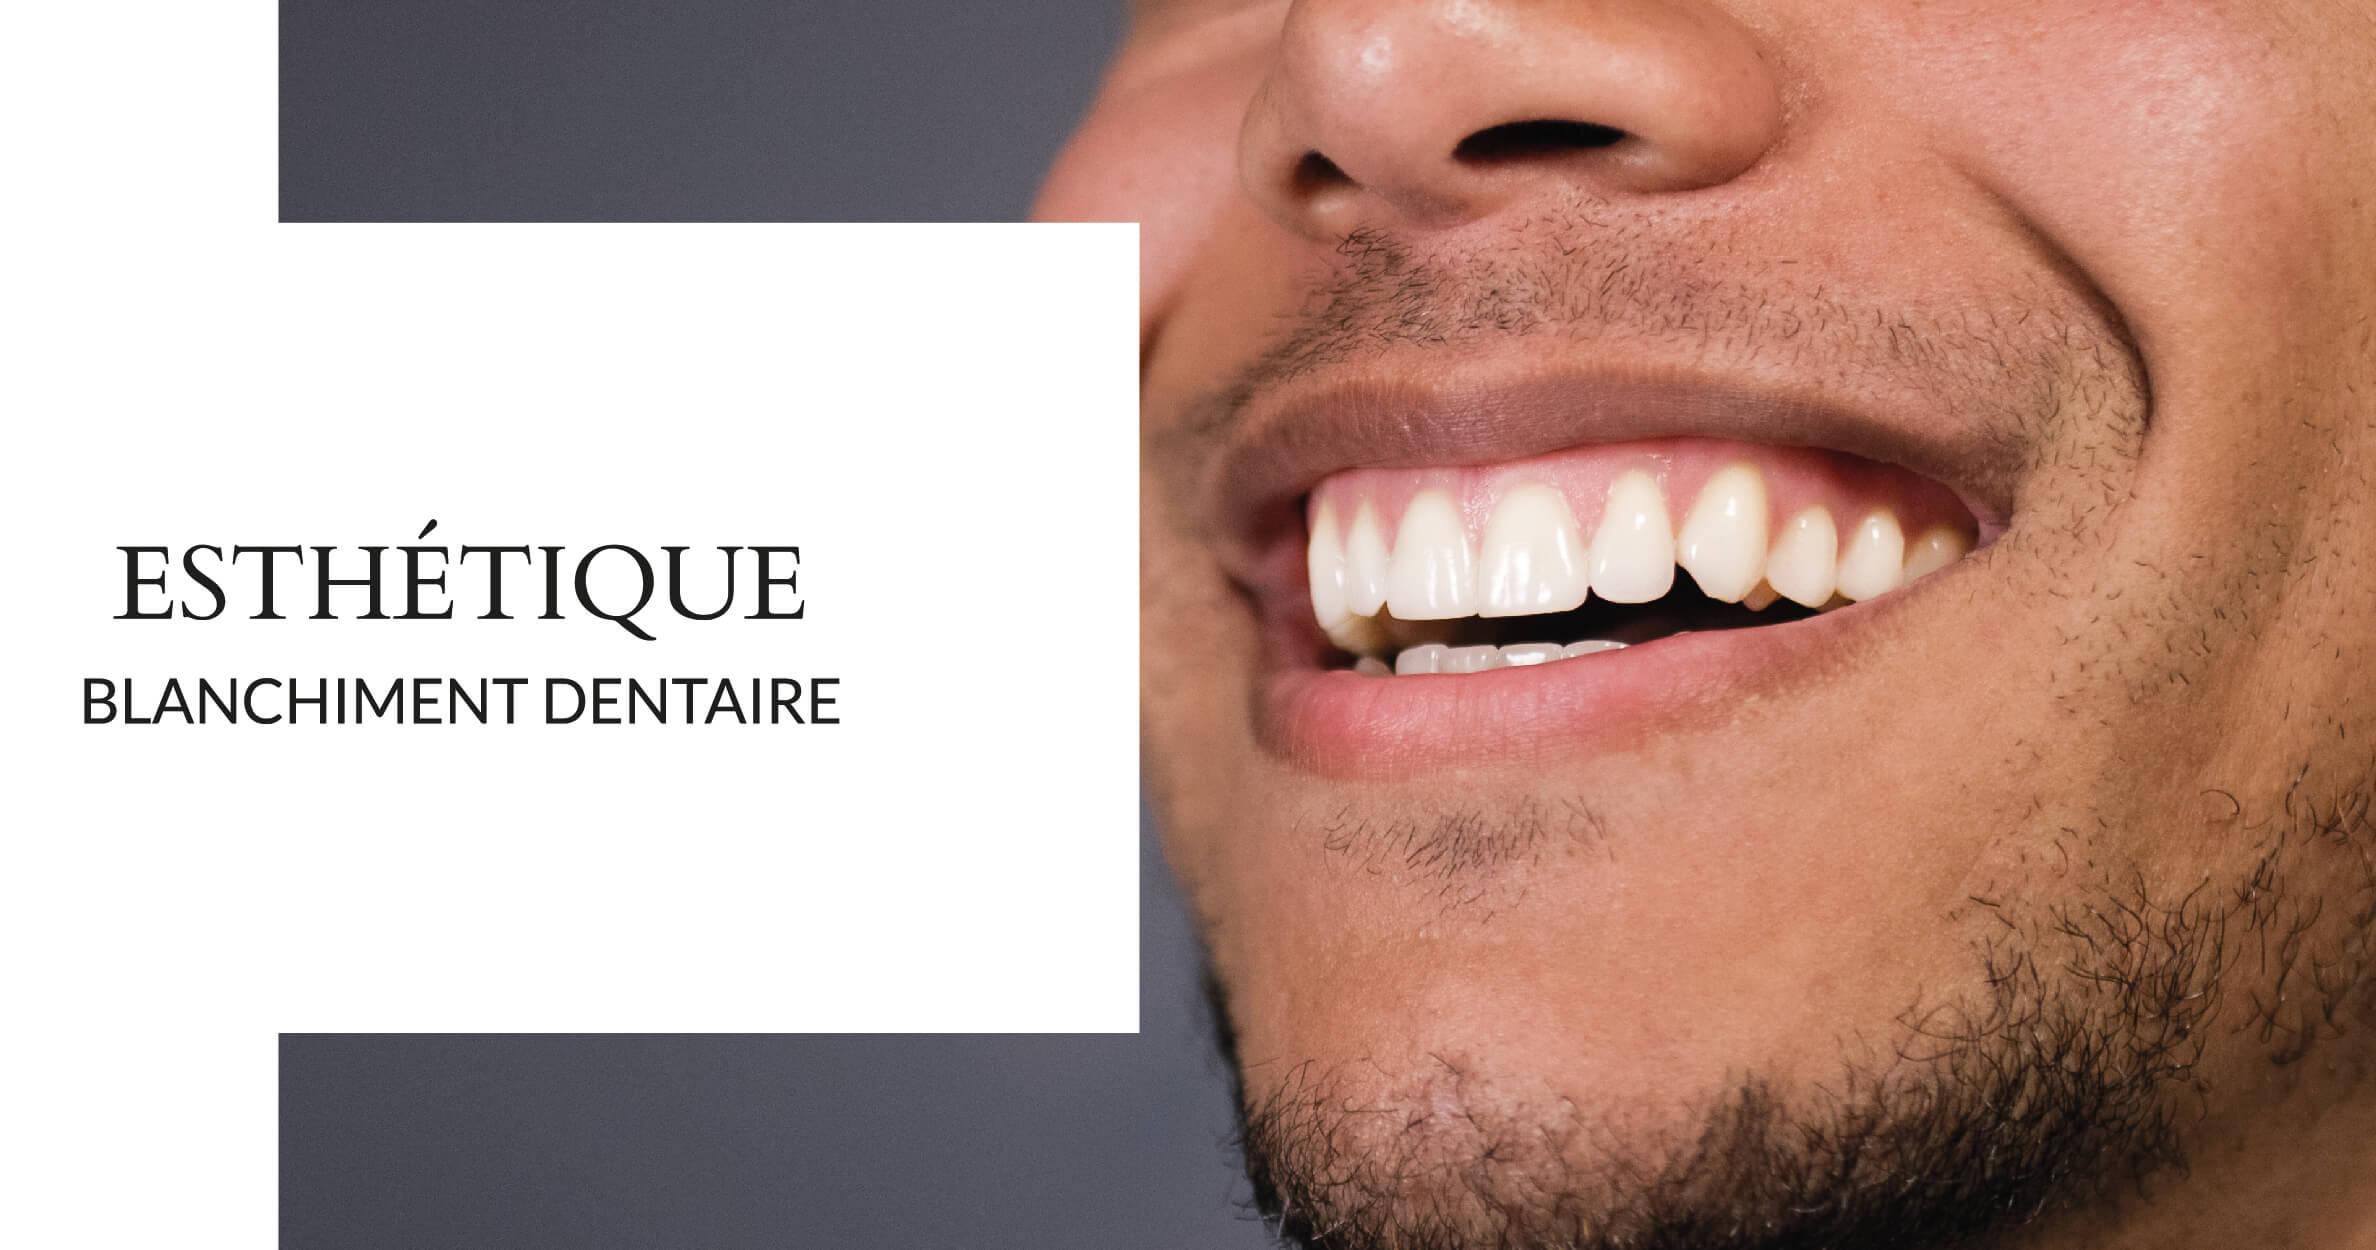 Blanchiment dentaire - Cabinet dentaire du Dr Ludovic Ache Paris 16